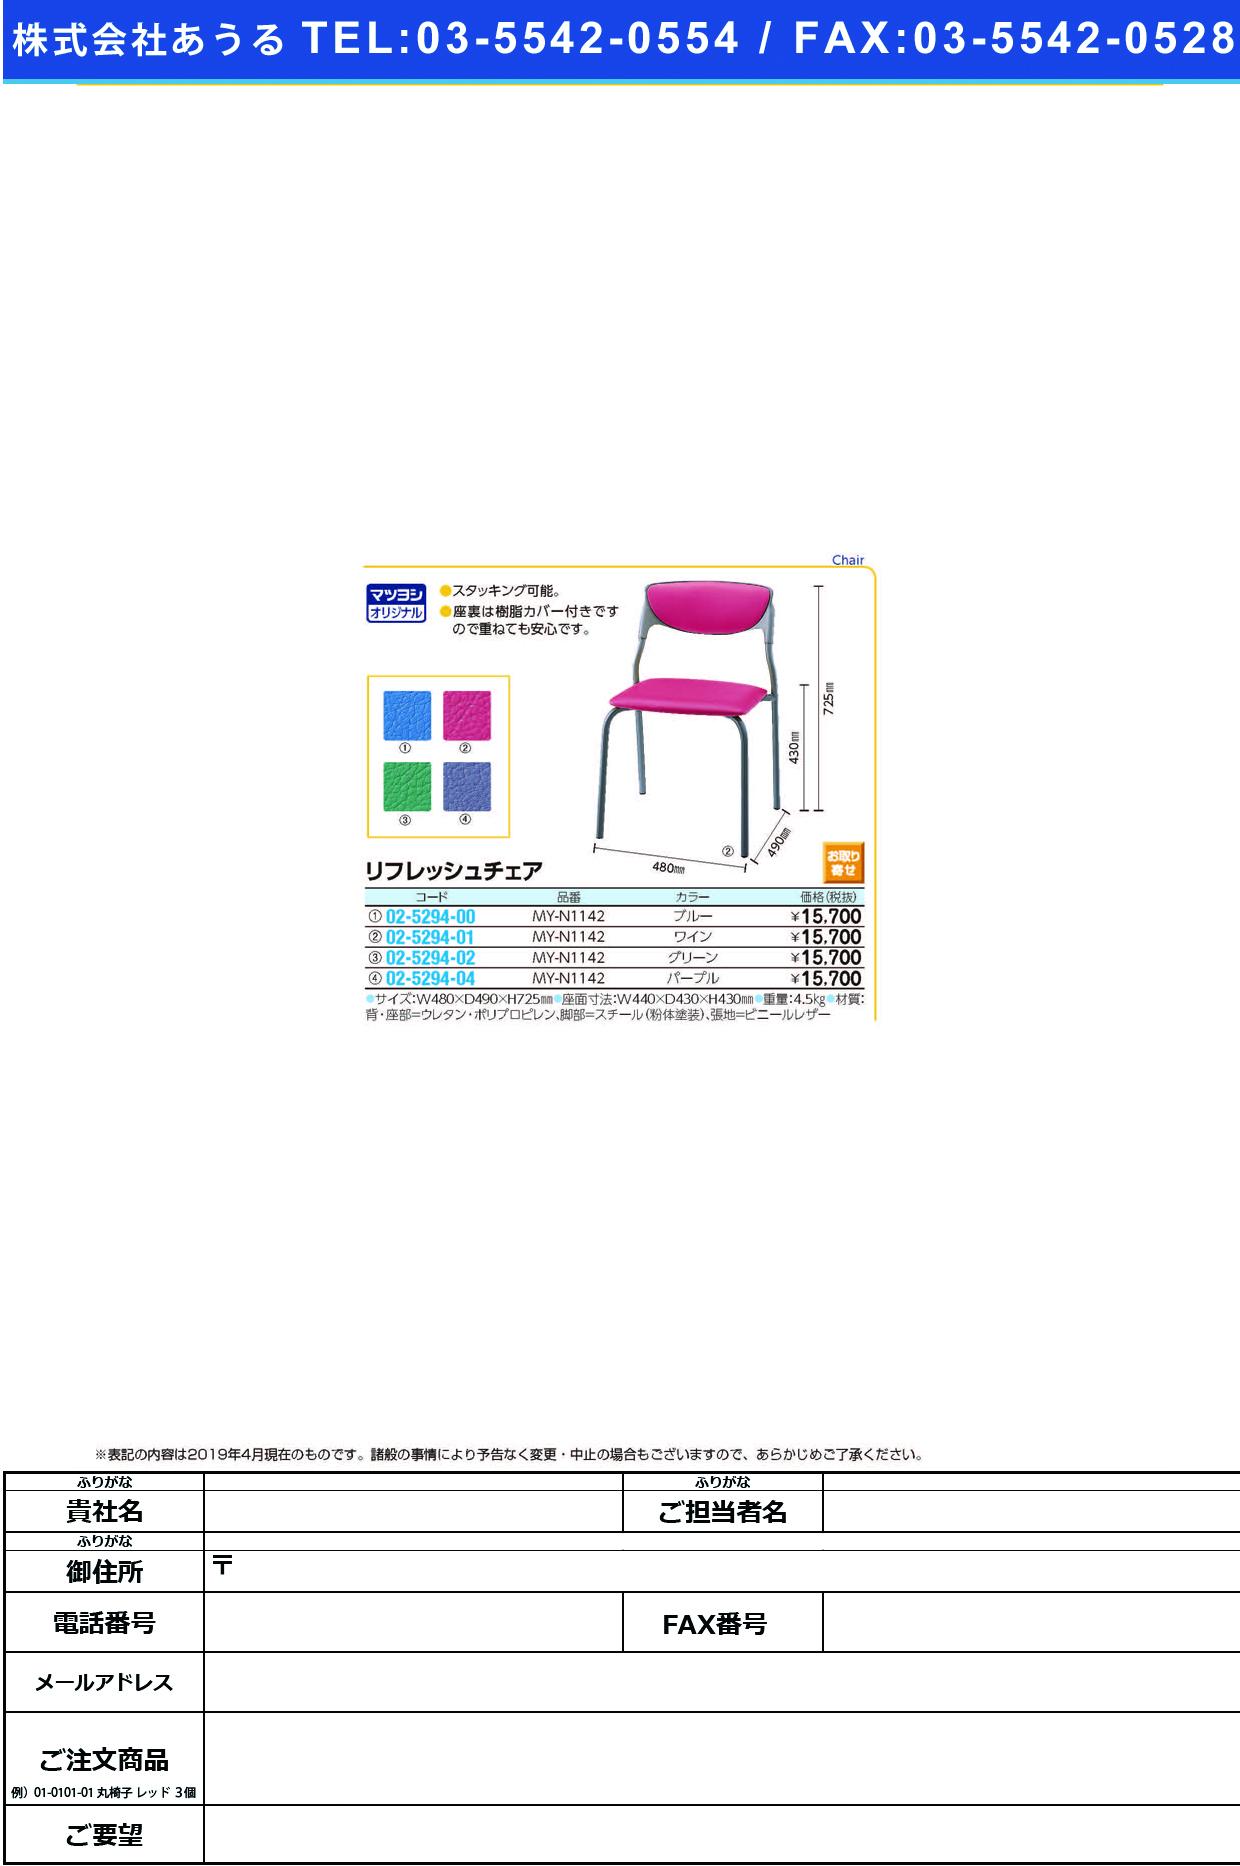 (02-5294-04)リフレッシュチェア MY-N1142(パープル) リフレッシュチェア(ノーリツイス)【1台単位】【2019年カタログ商品】